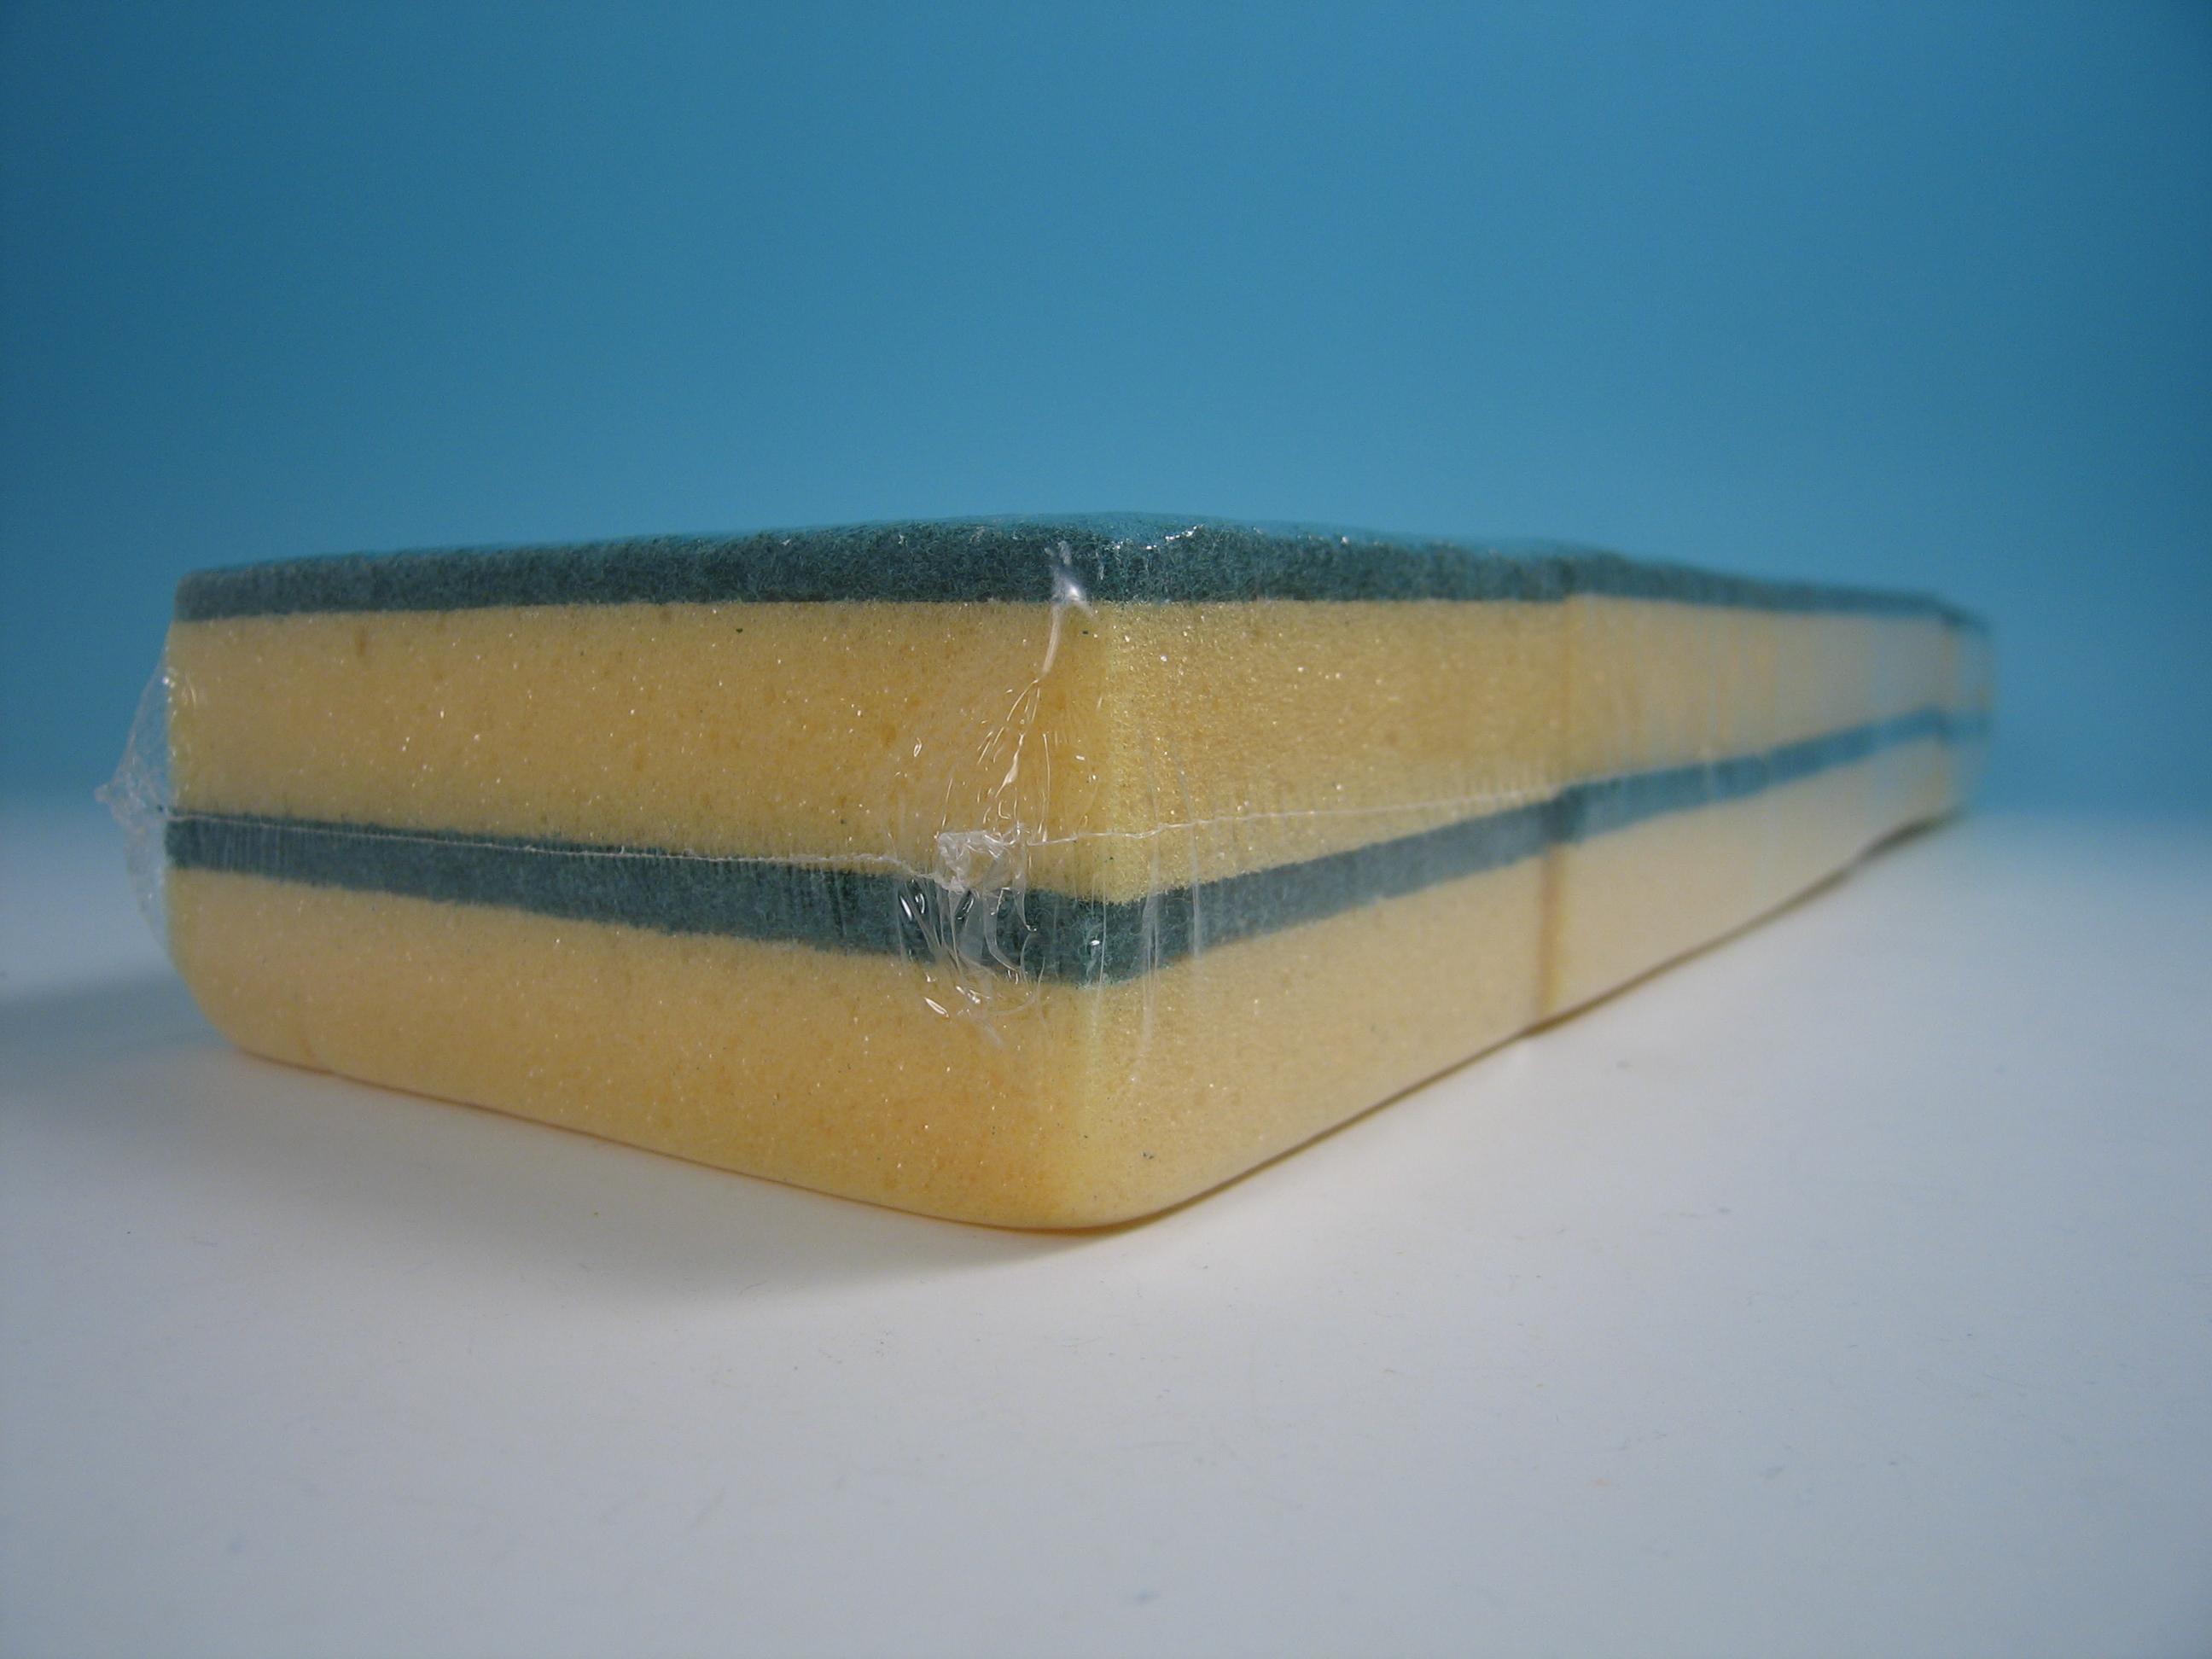 Schuurspons groen / geel